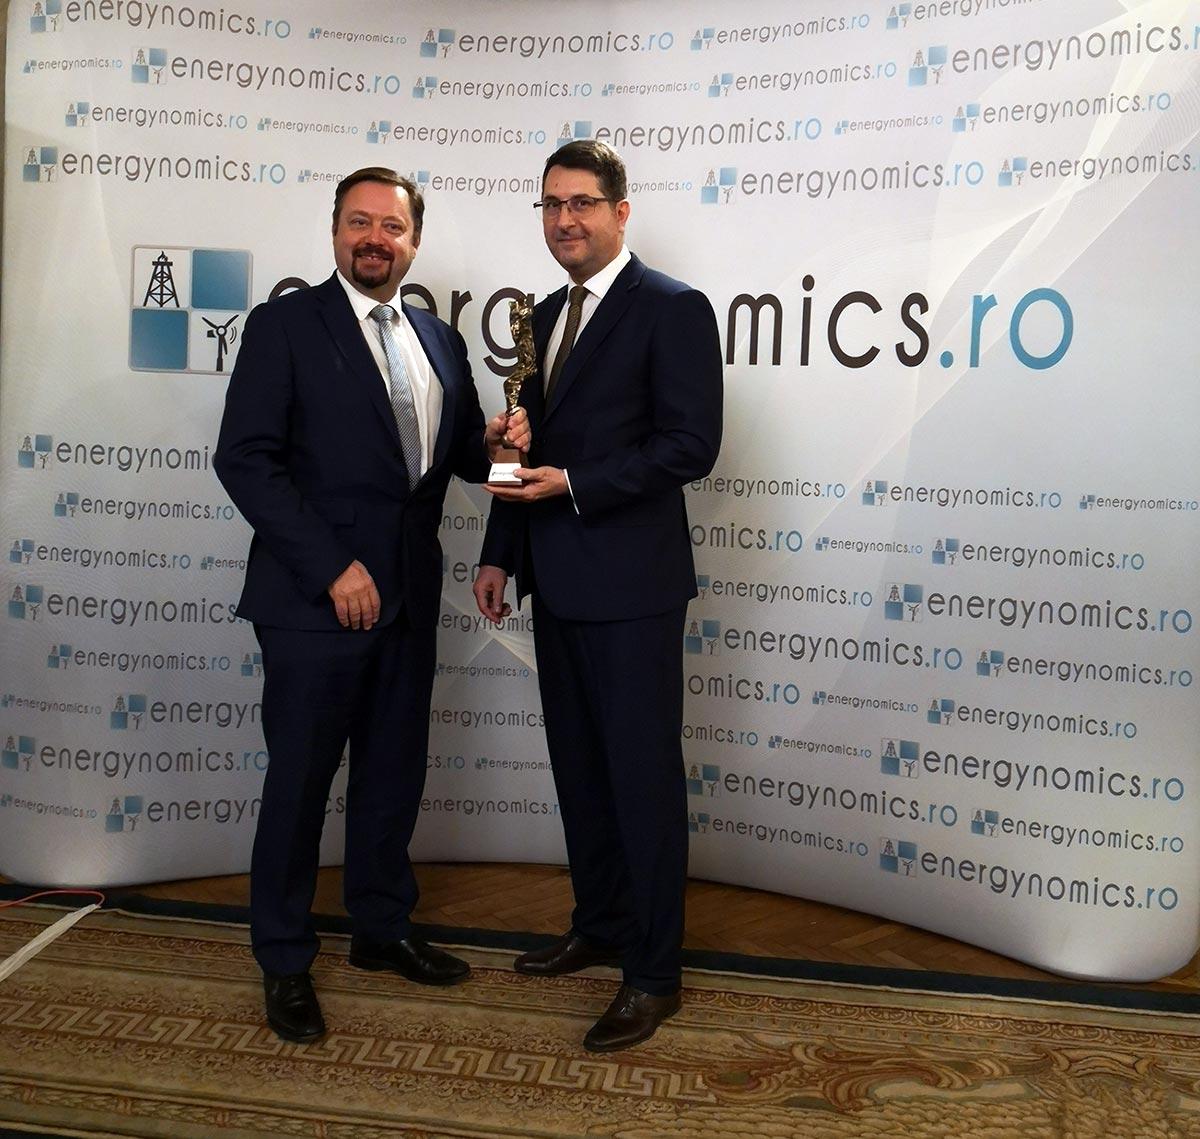 premiu energynomics - decembrie 2019 - romania eficienta